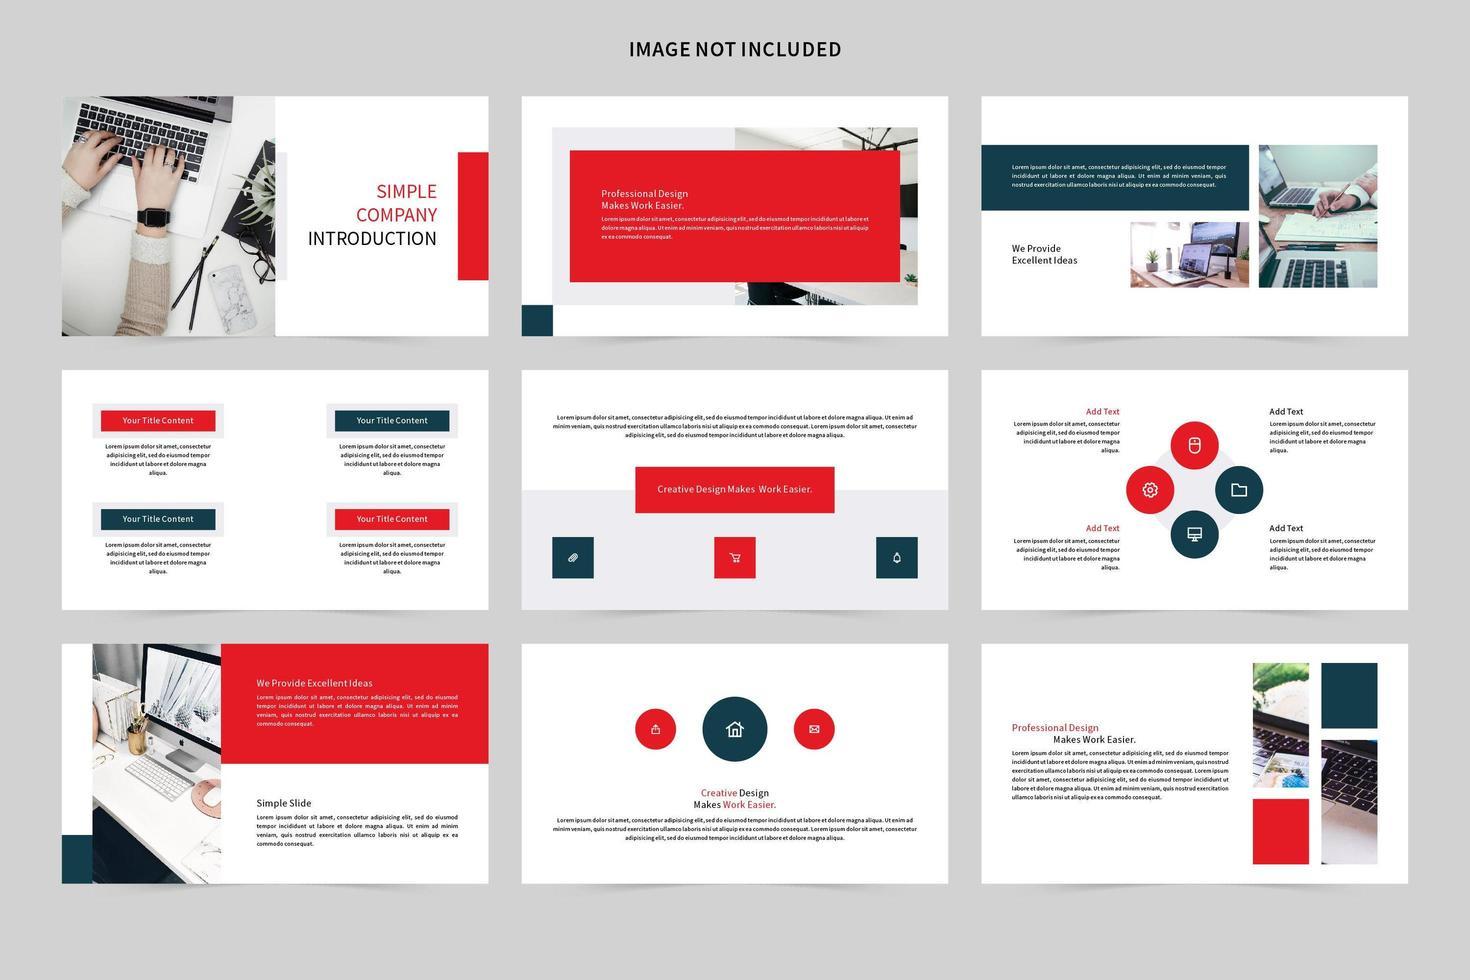 set di diapositive demo introduzione aziendale semplice vettore